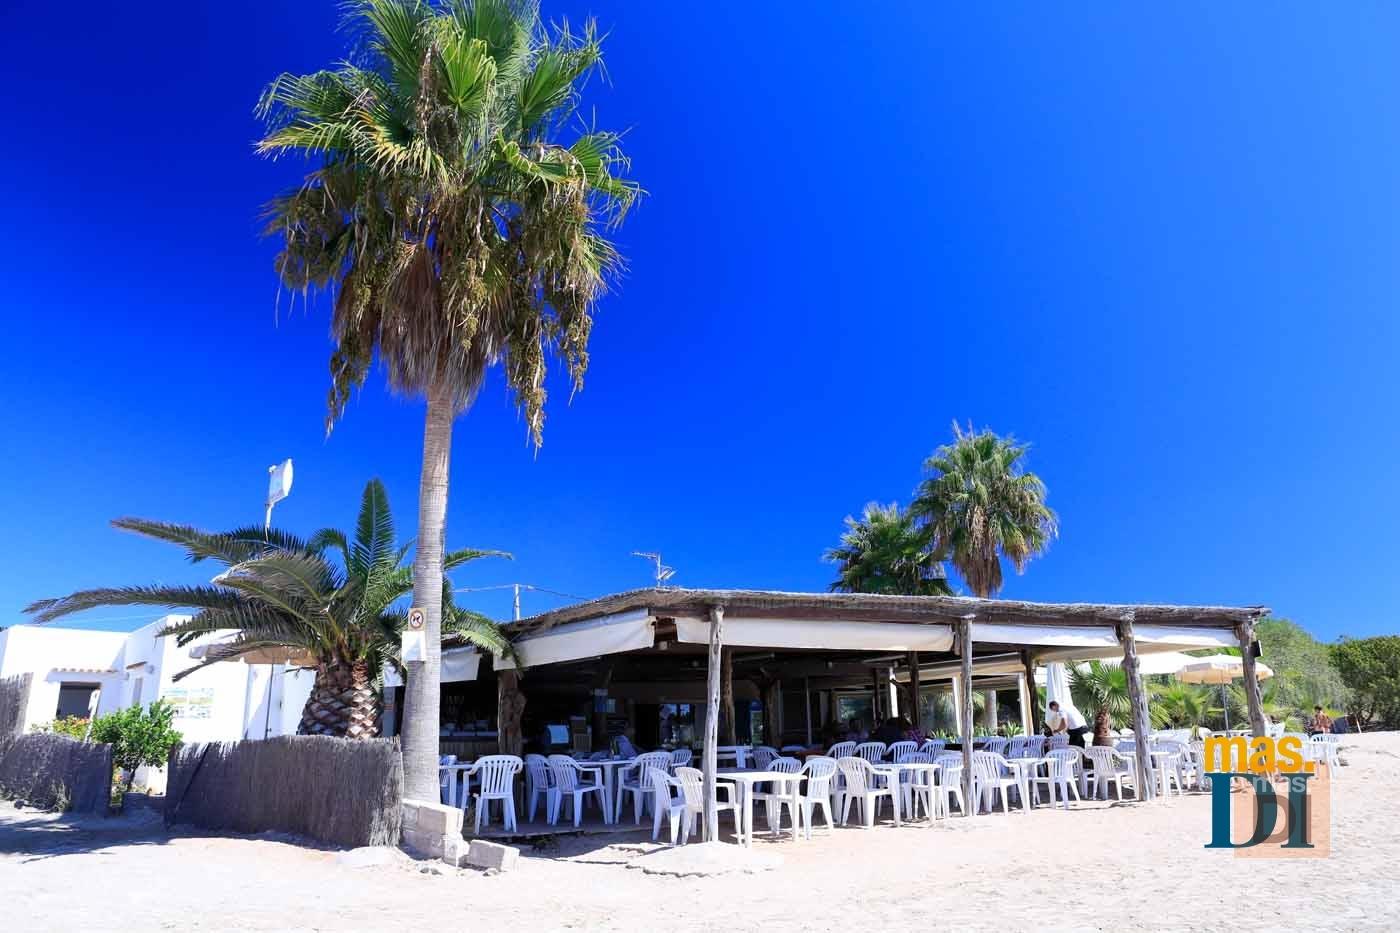 RESTAURANTE CALA MARTINA, placeres invernales en la costa